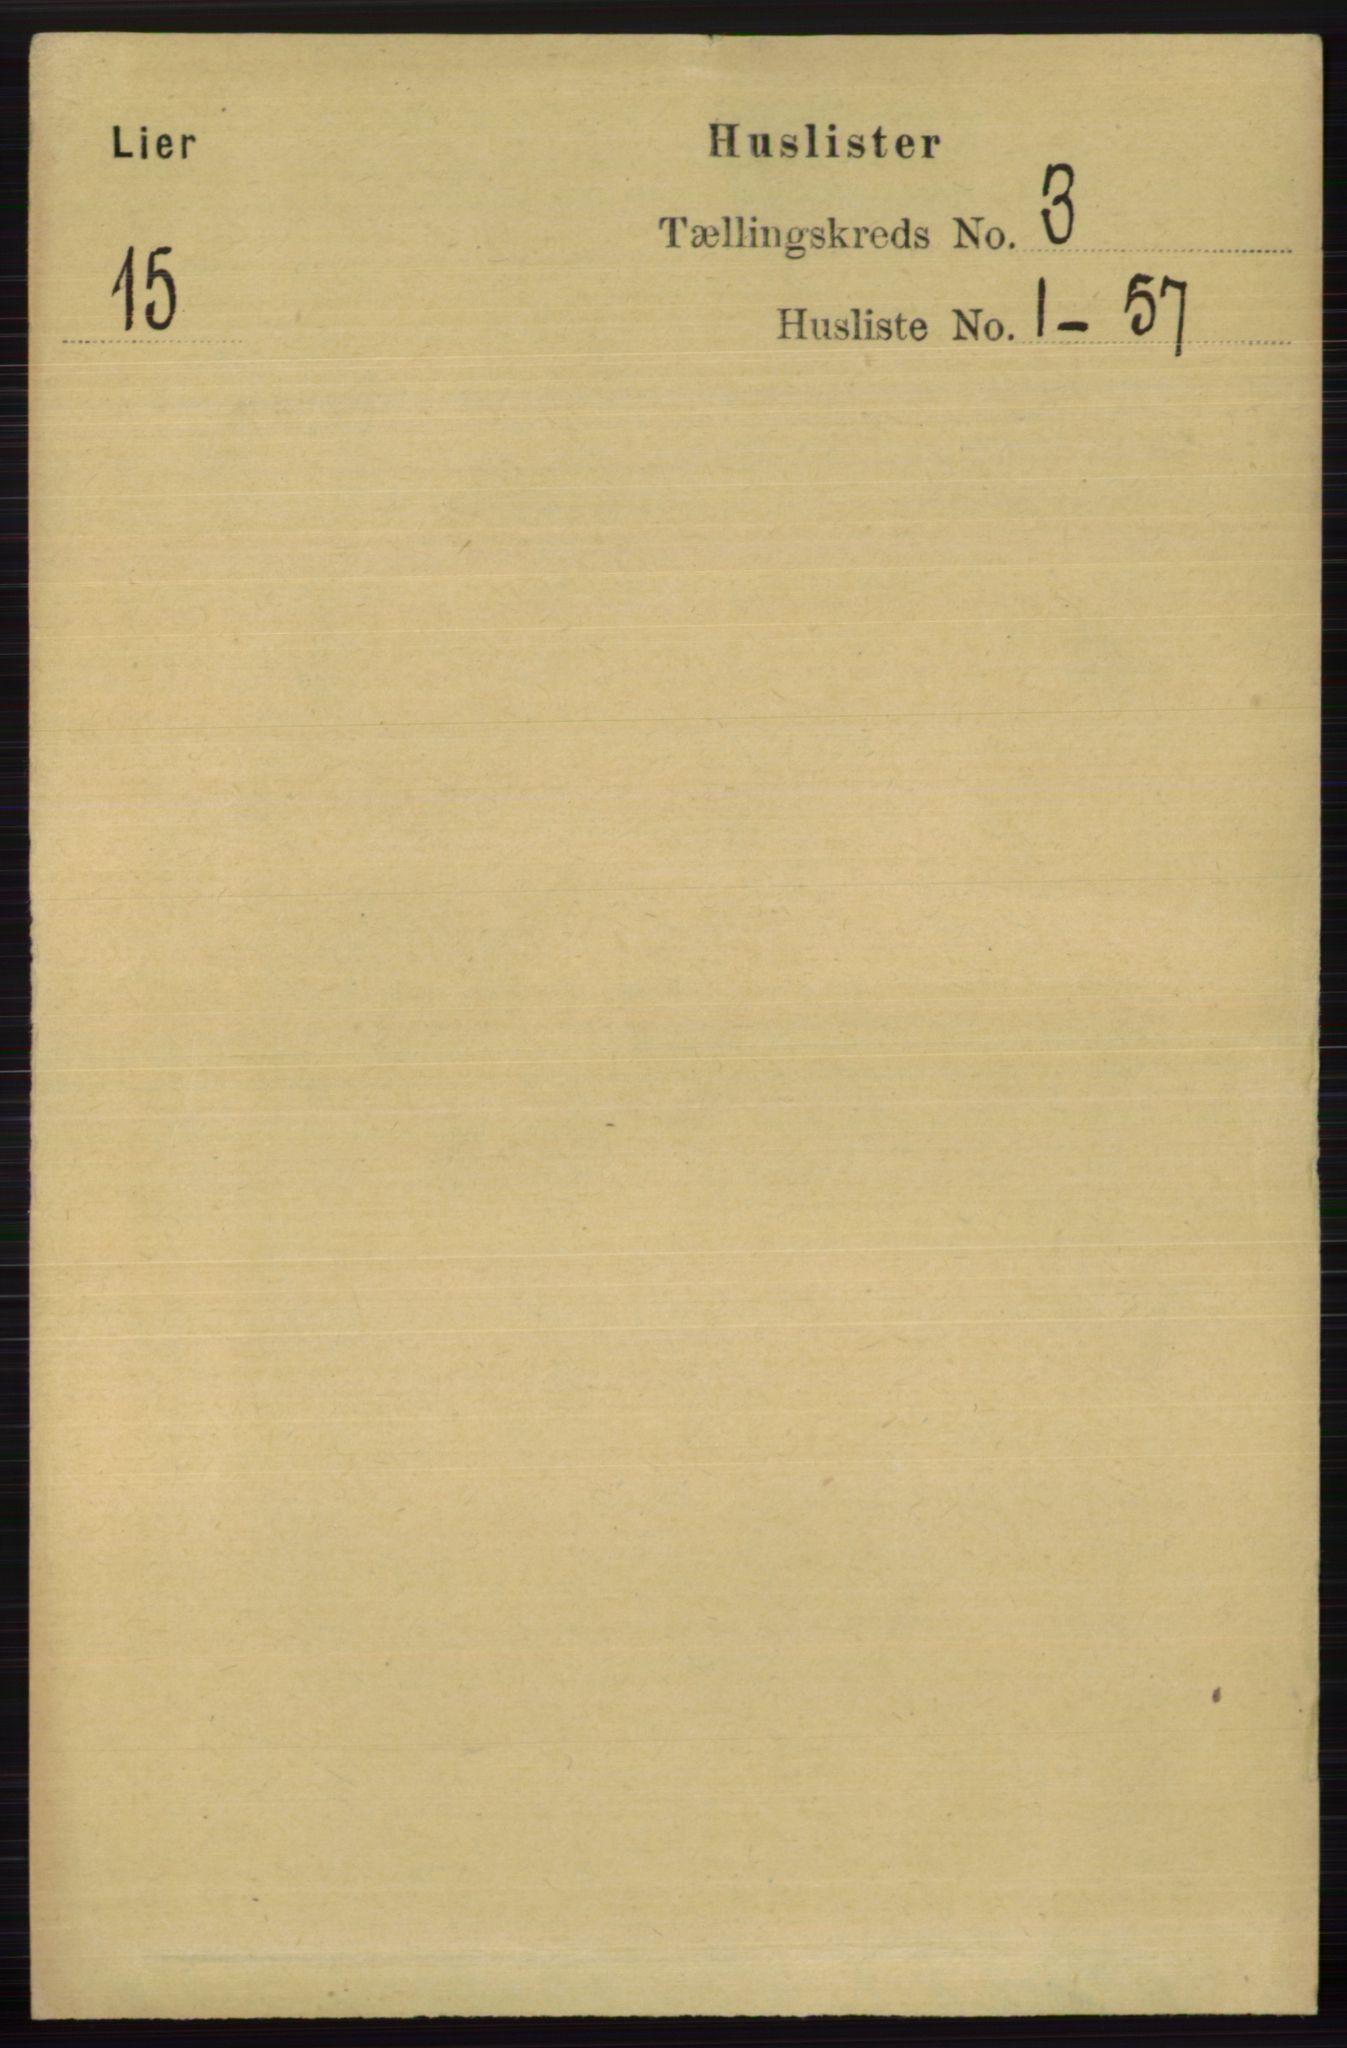 RA, Folketelling 1891 for 0626 Lier herred, 1891, s. 2434